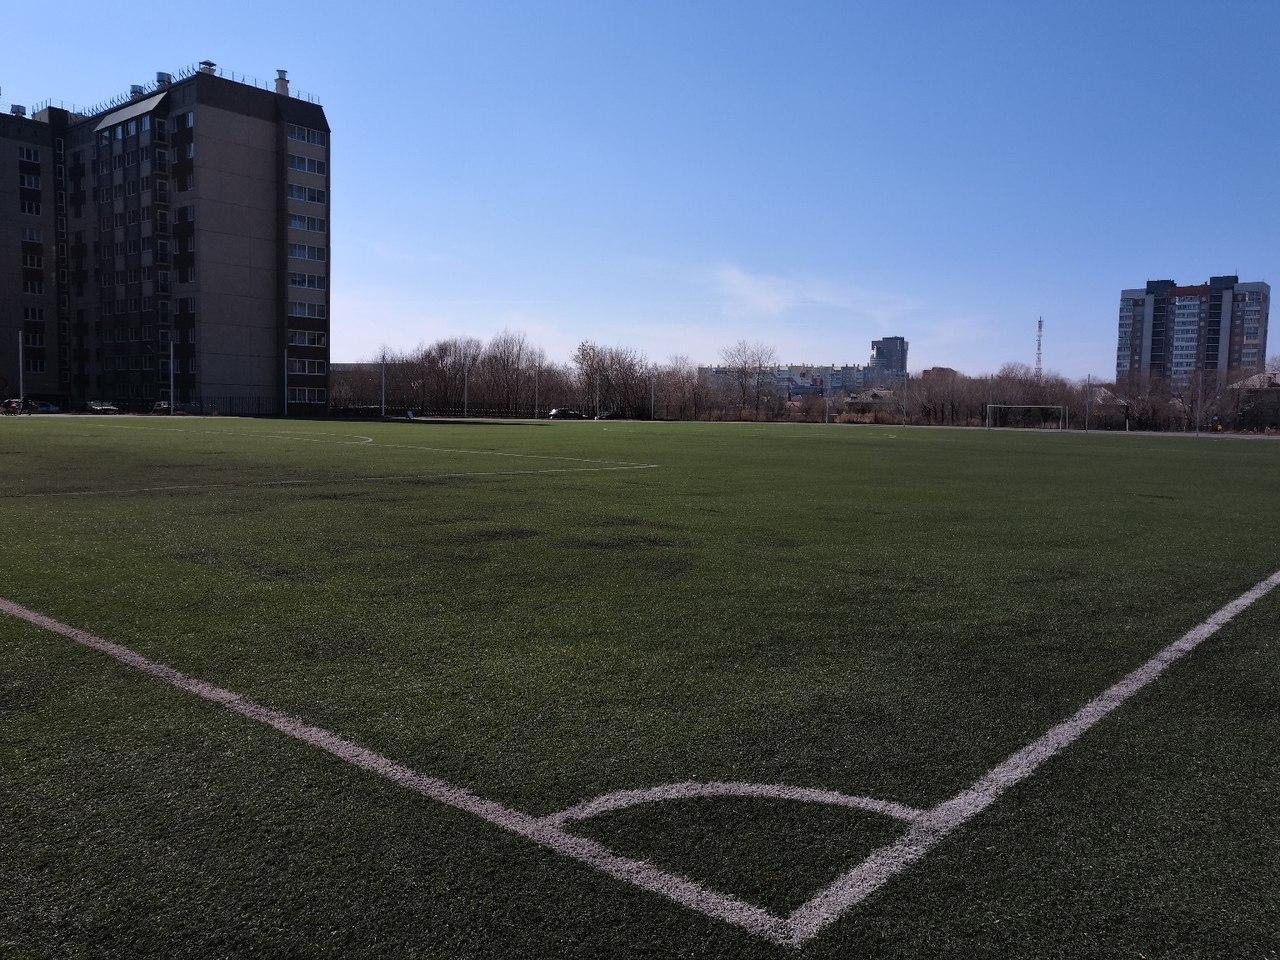 На стадионе имени Колющенко теперь можно с комфортом купаться и переодеваться   Свежие новости Челябинска и области